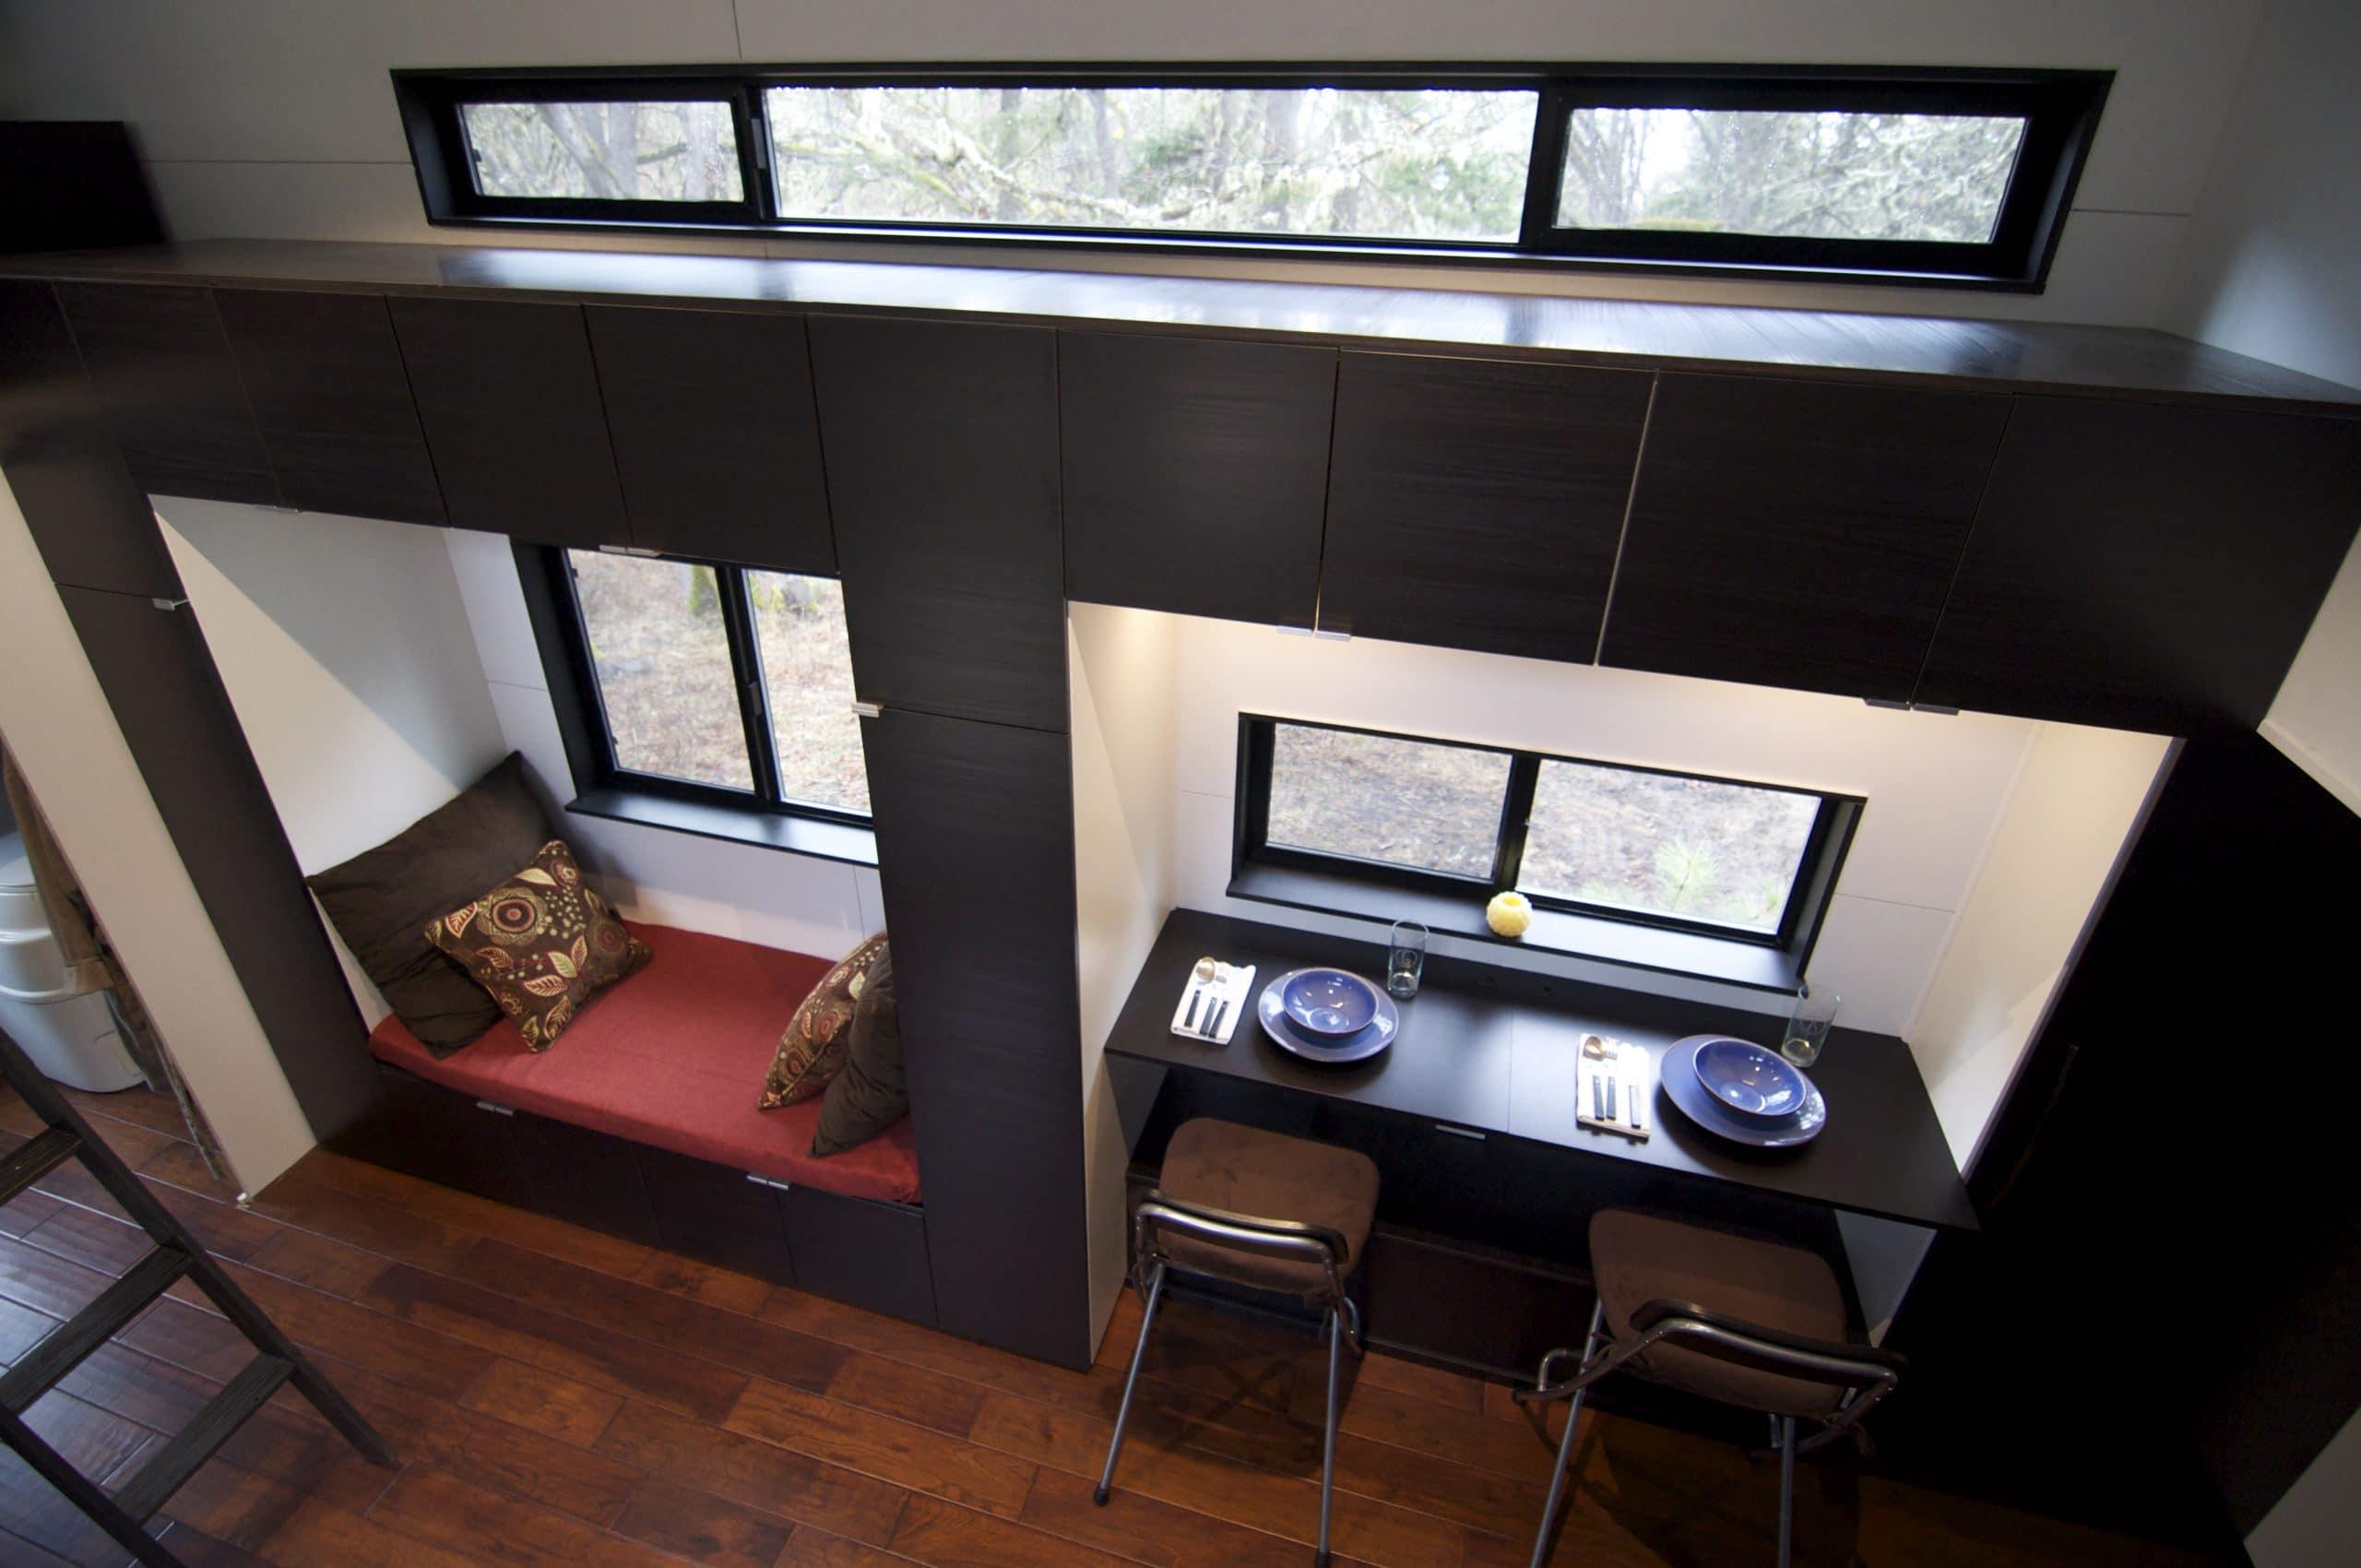 Dise o de casa muy peque a optimizando espacios construye hogar - The mobile office working on two wheels ...